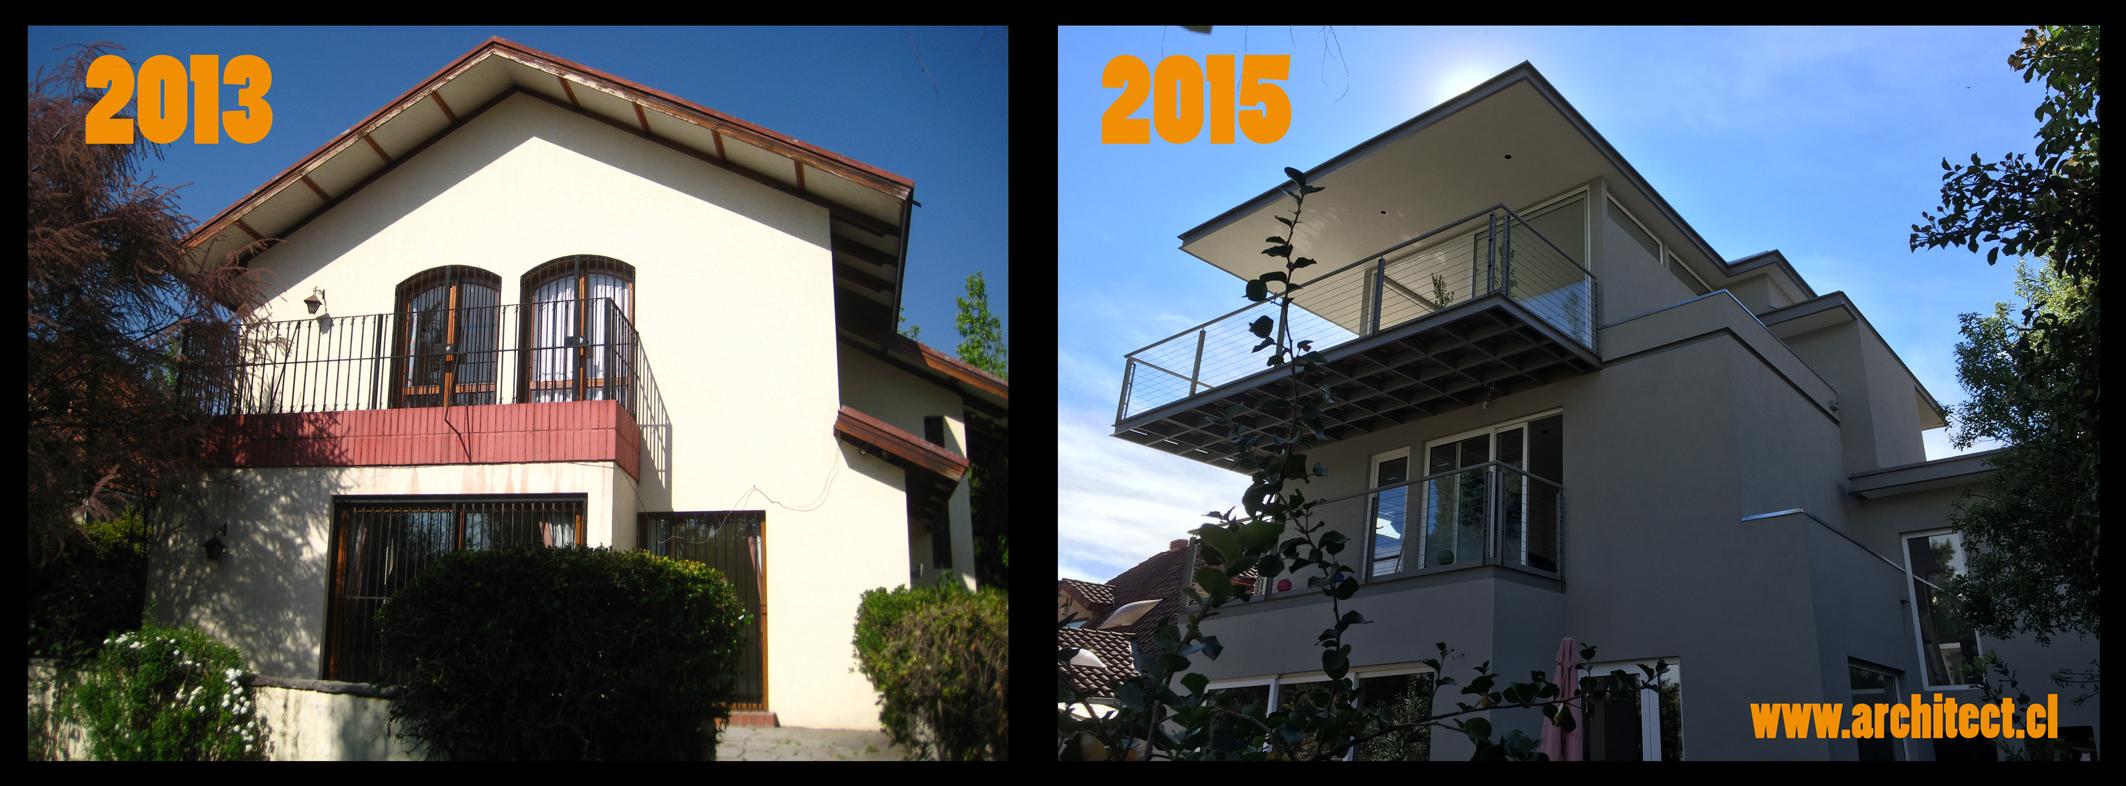 casa magnolio antes y despues